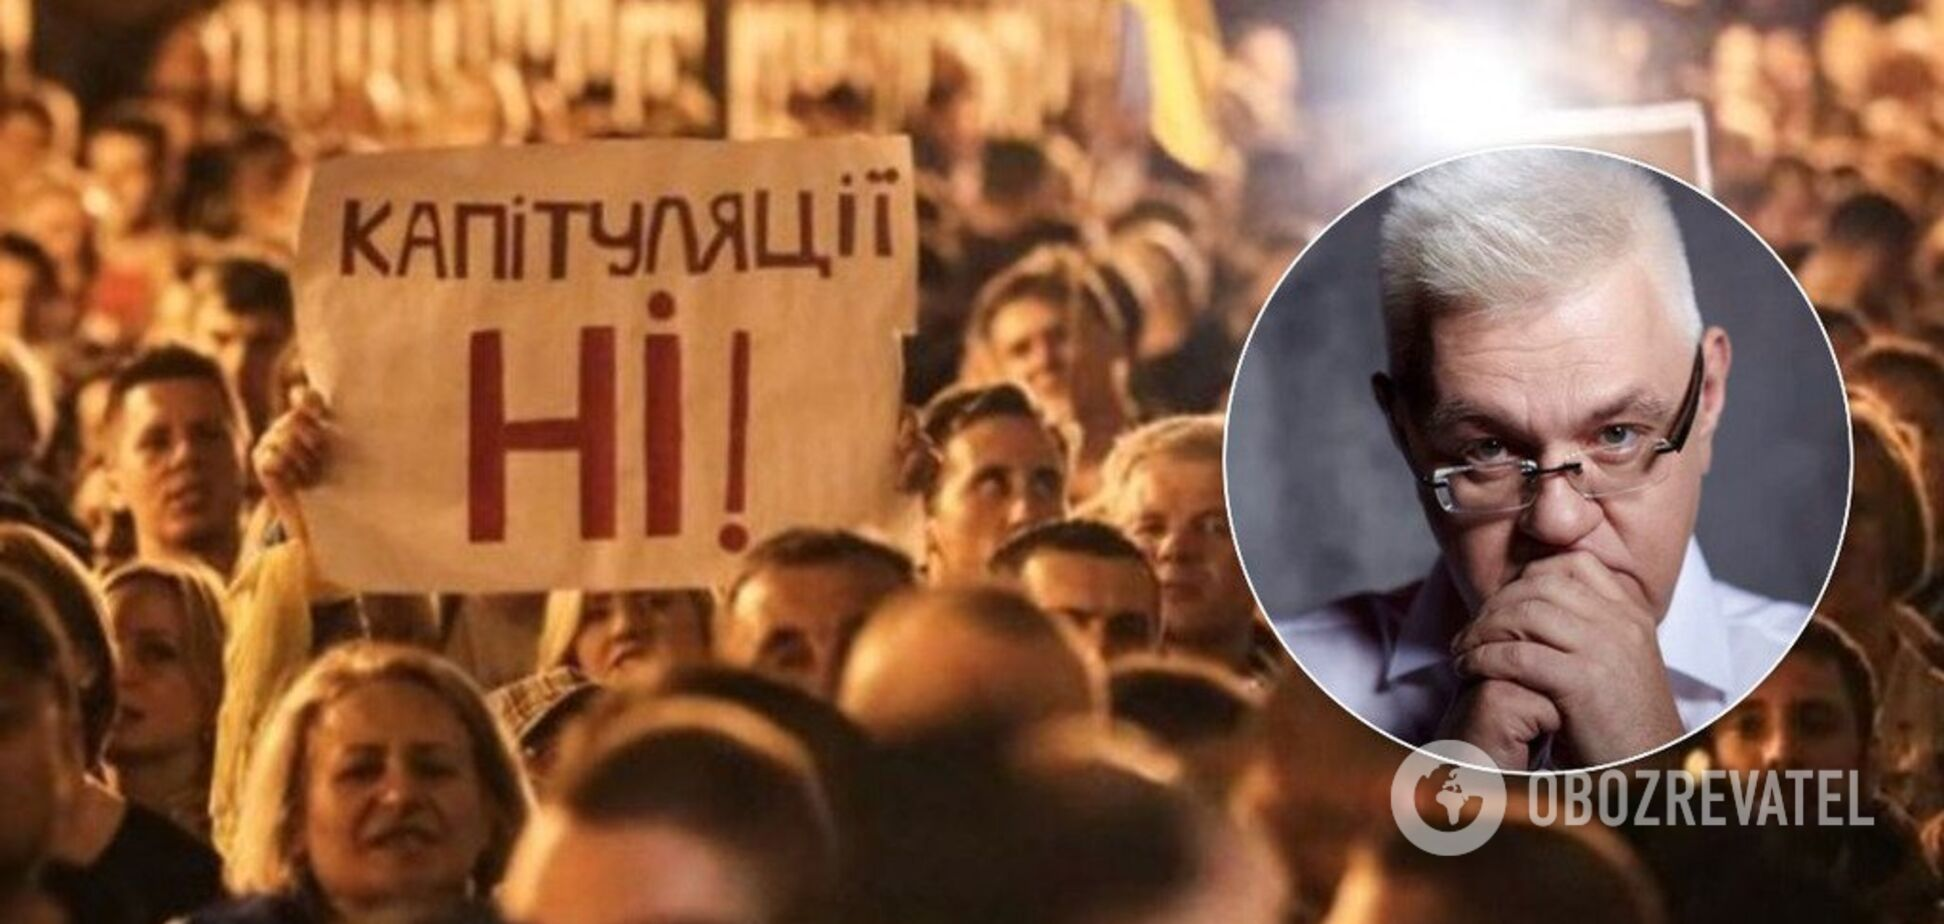 'Разгуливает по Киеву': волонтер поставил Сивохо на место из-за 'воинствующего меньшинства'